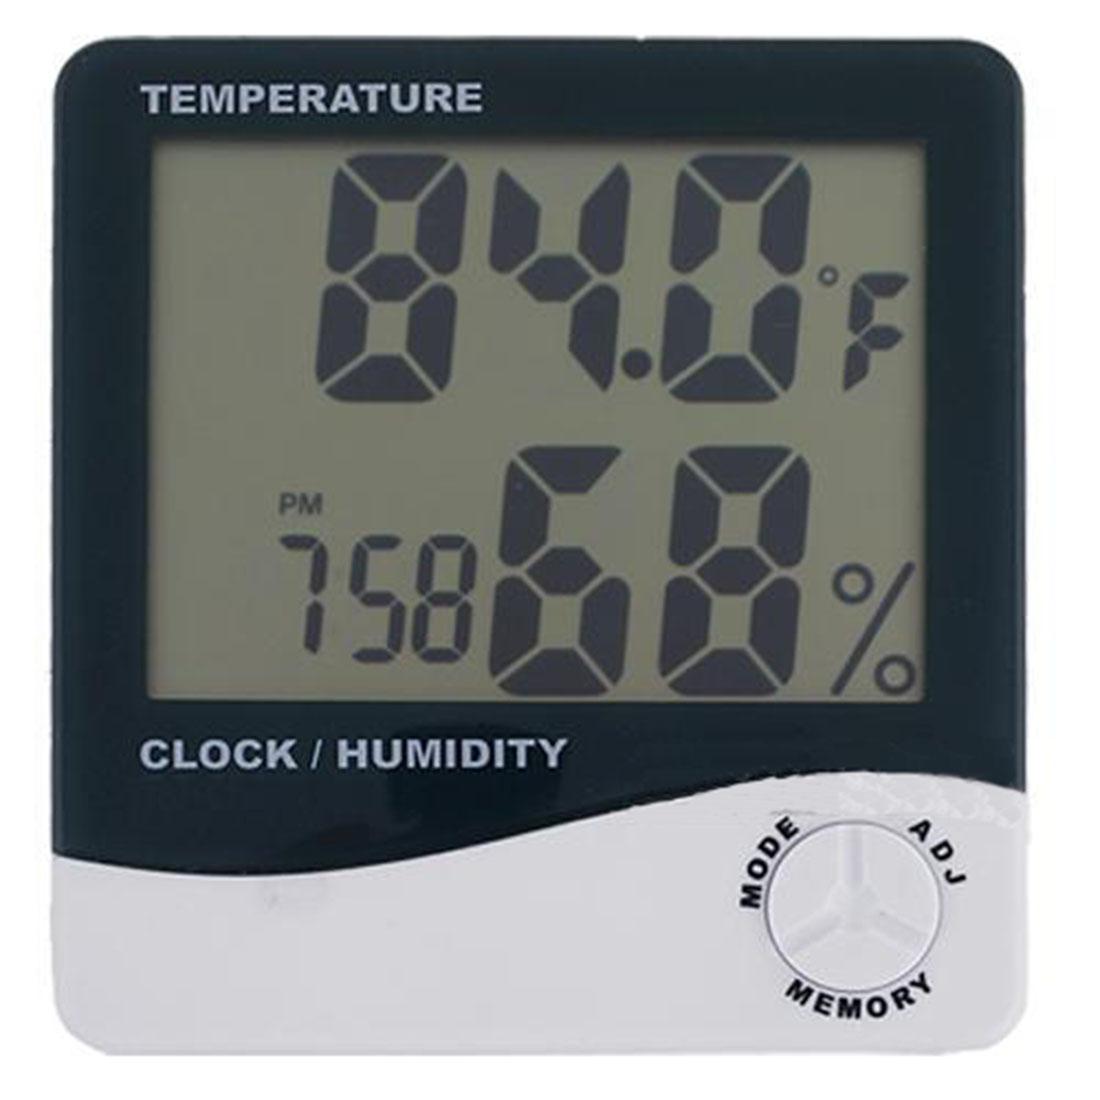 Прибор для измерения температуры OEM 2015 C0382 прибор для измерения температуры oem 2015 lcd c0379